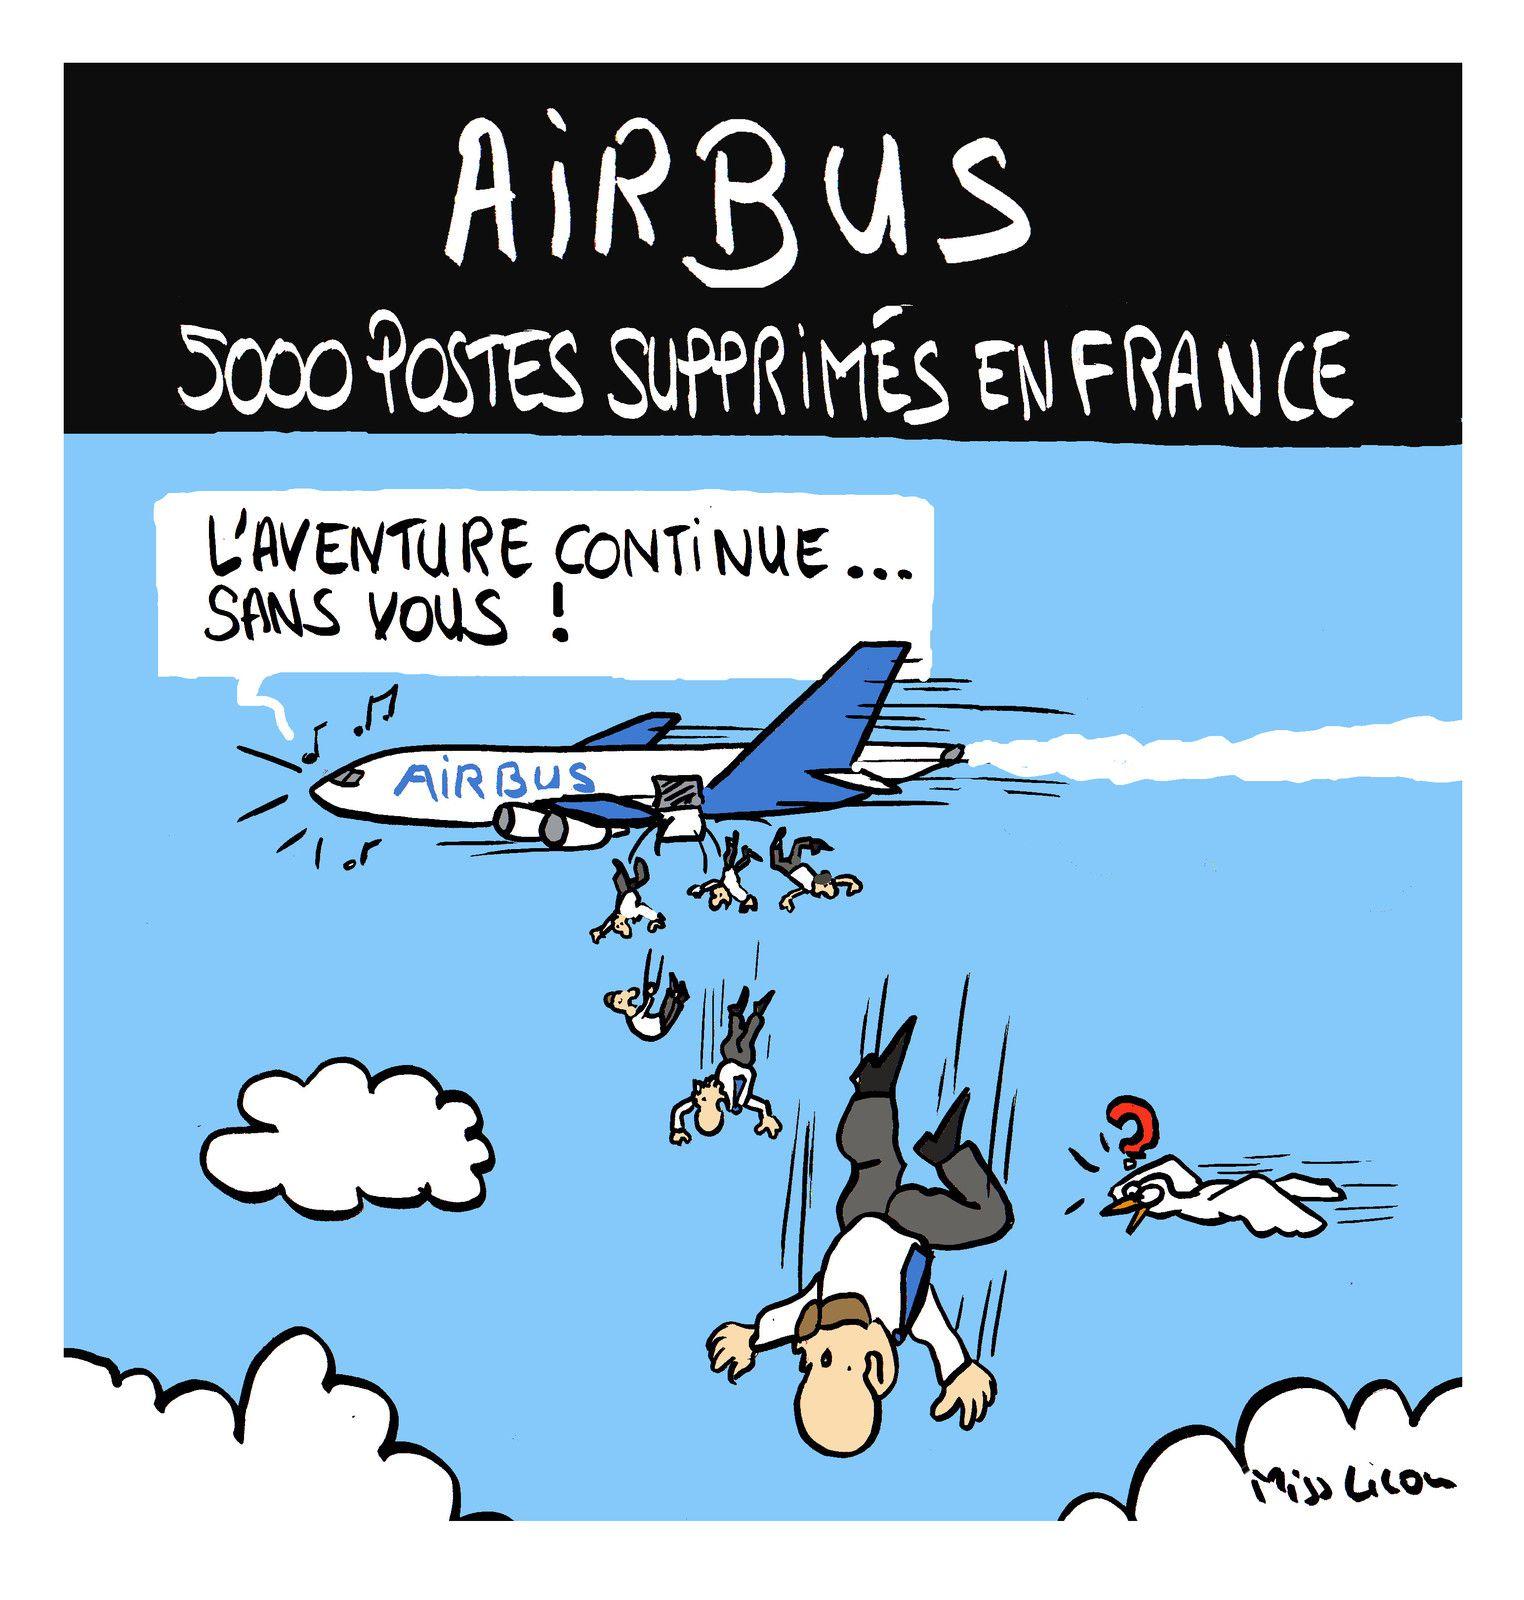 """""""AIRBUS : 5000 postes supprimés en France"""""""